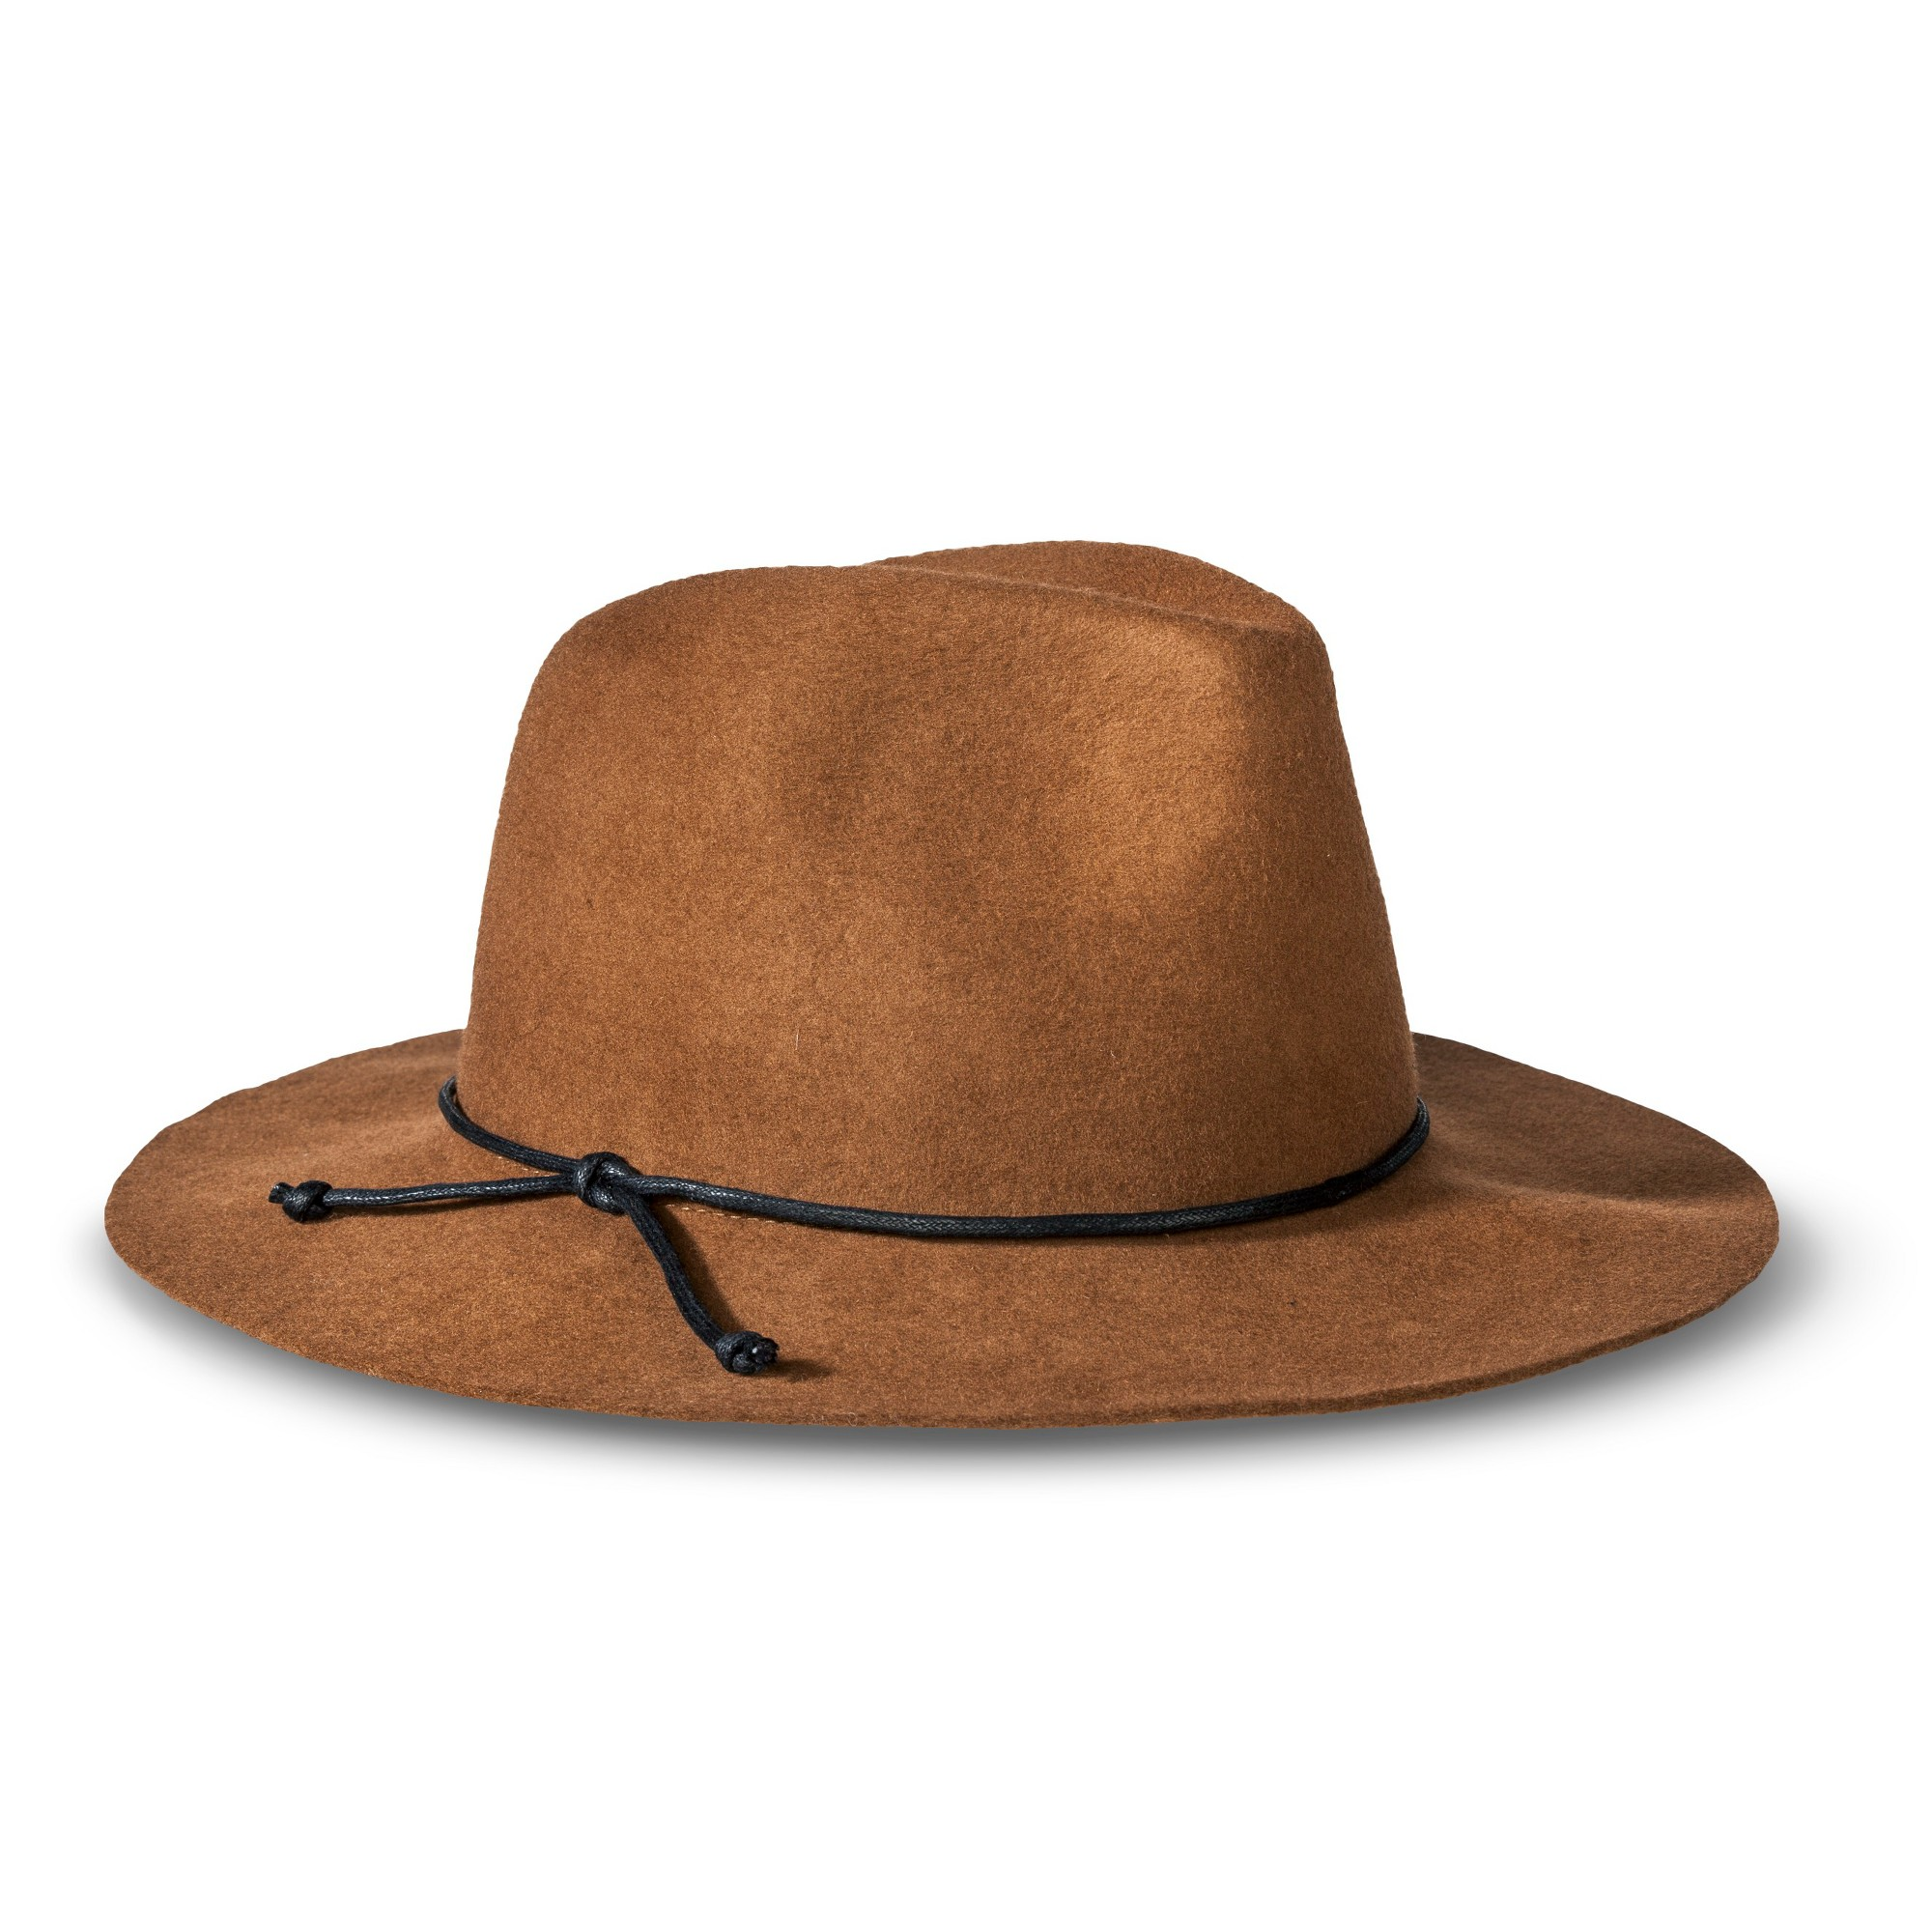 72534c08b299c Men s Solid Fedora Hat Brown - Merona